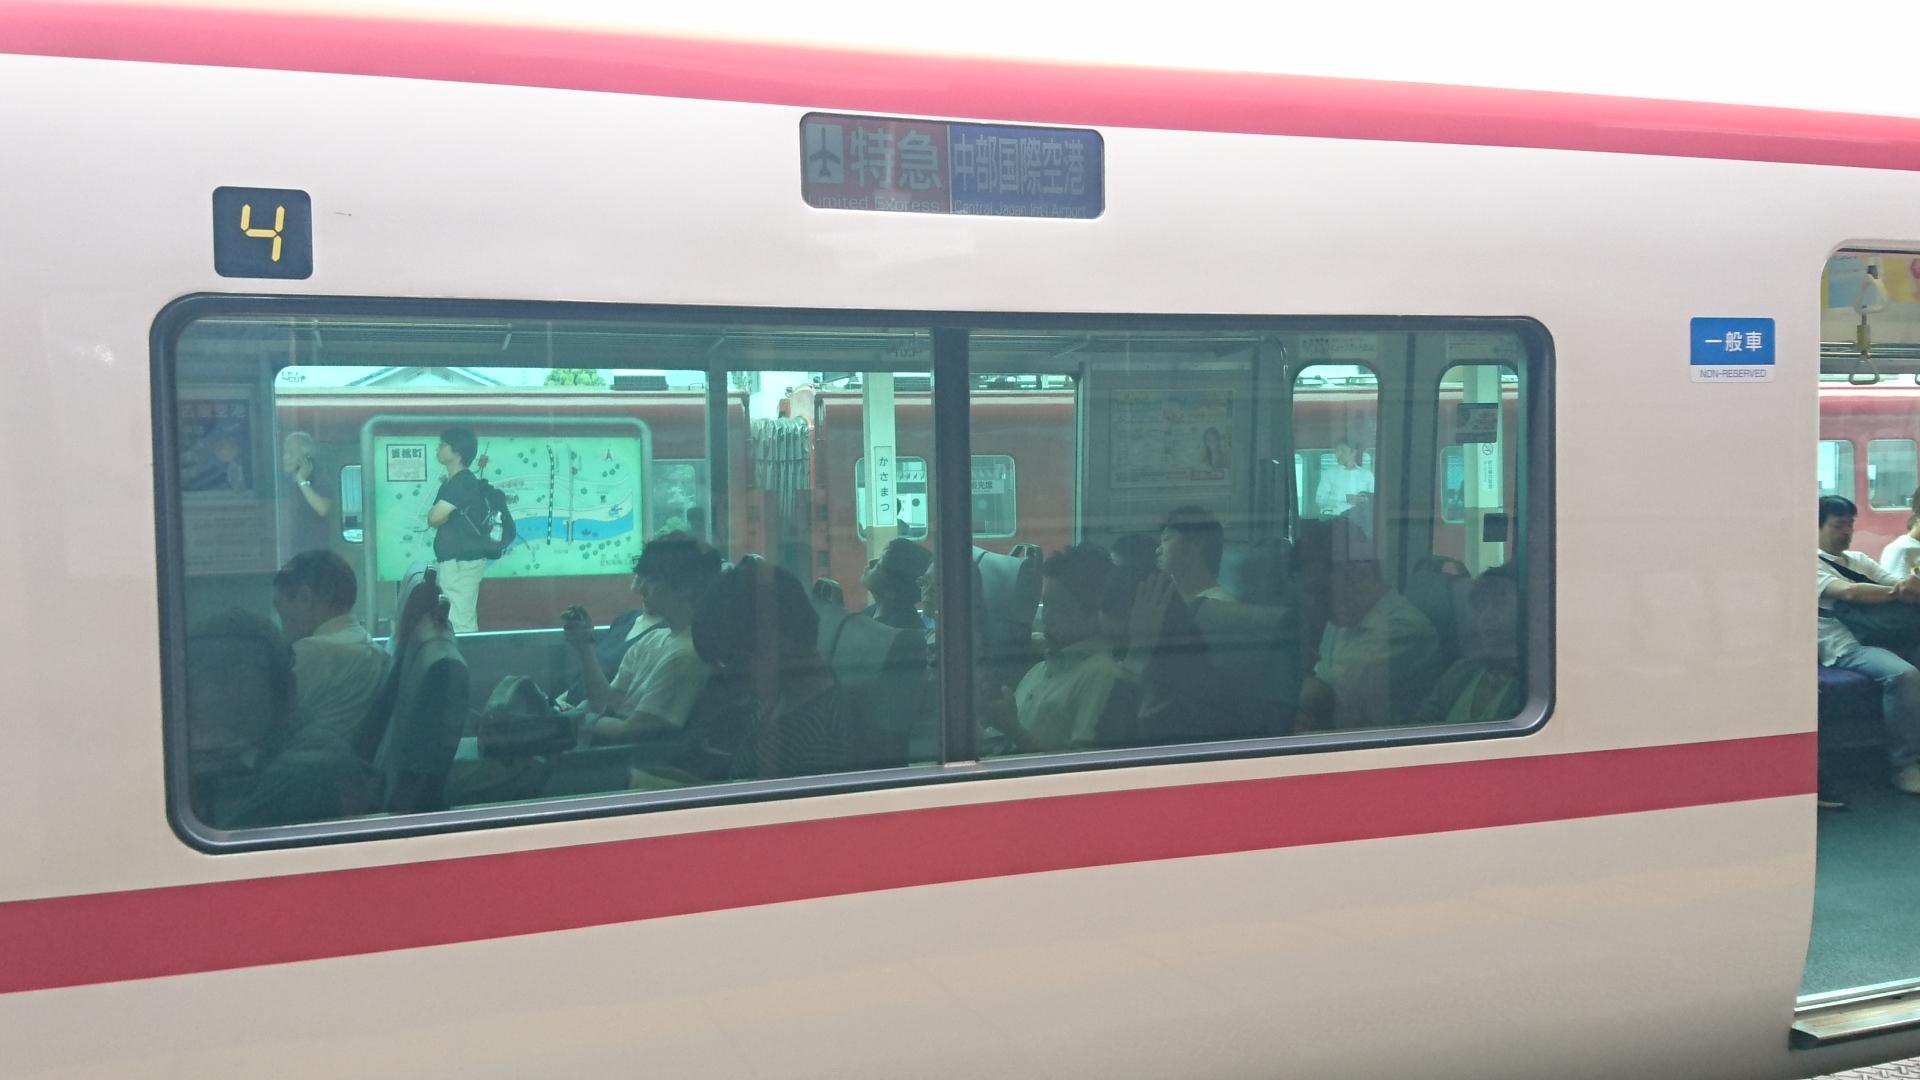 2017.8.3 笠松 (24) 笠松 - セントレアいき特急 1920-1080